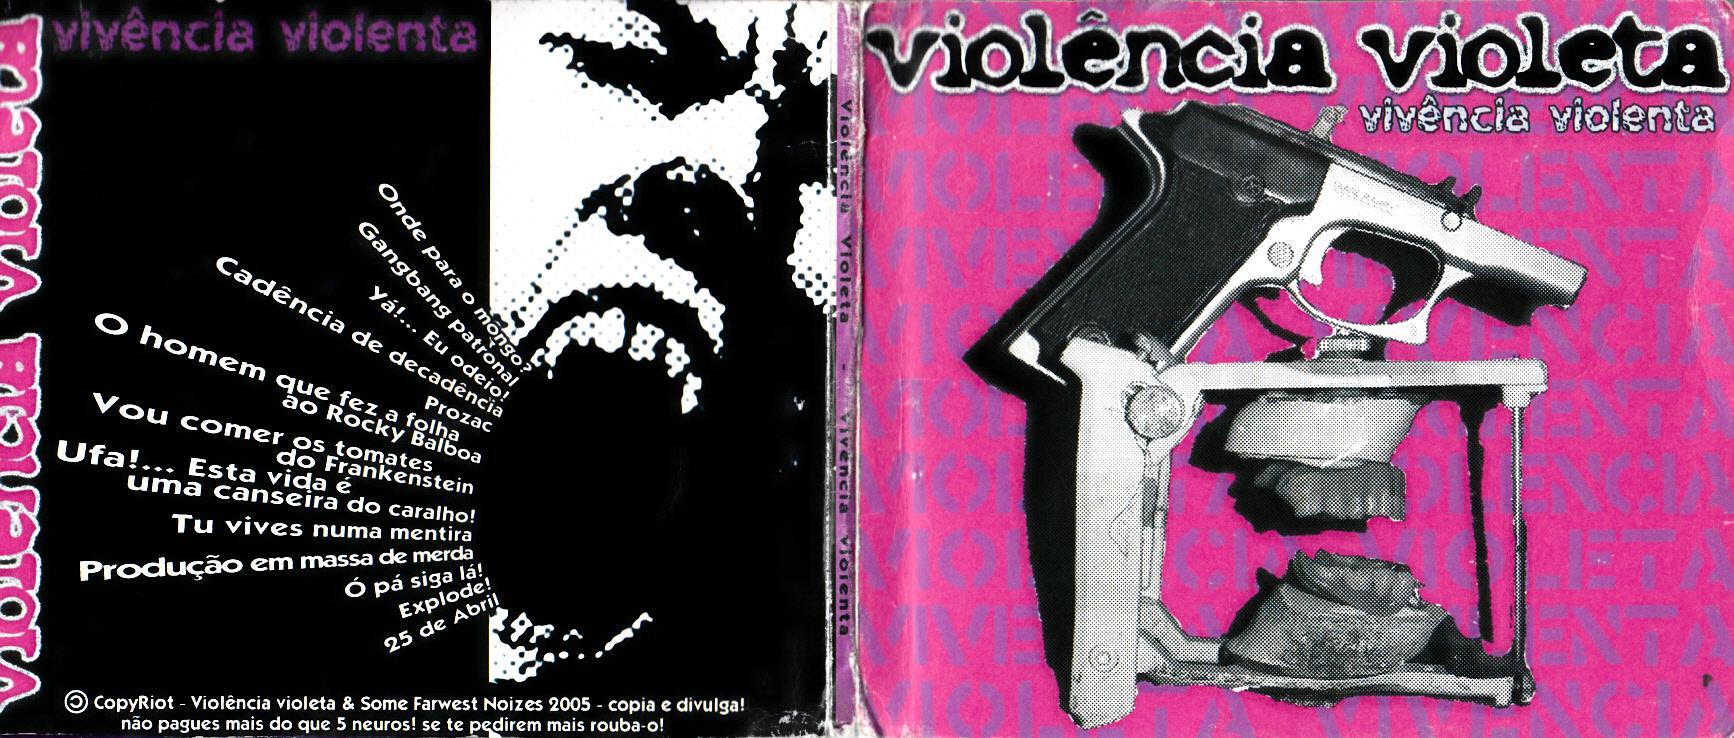 violencia_violeta_cd_0001